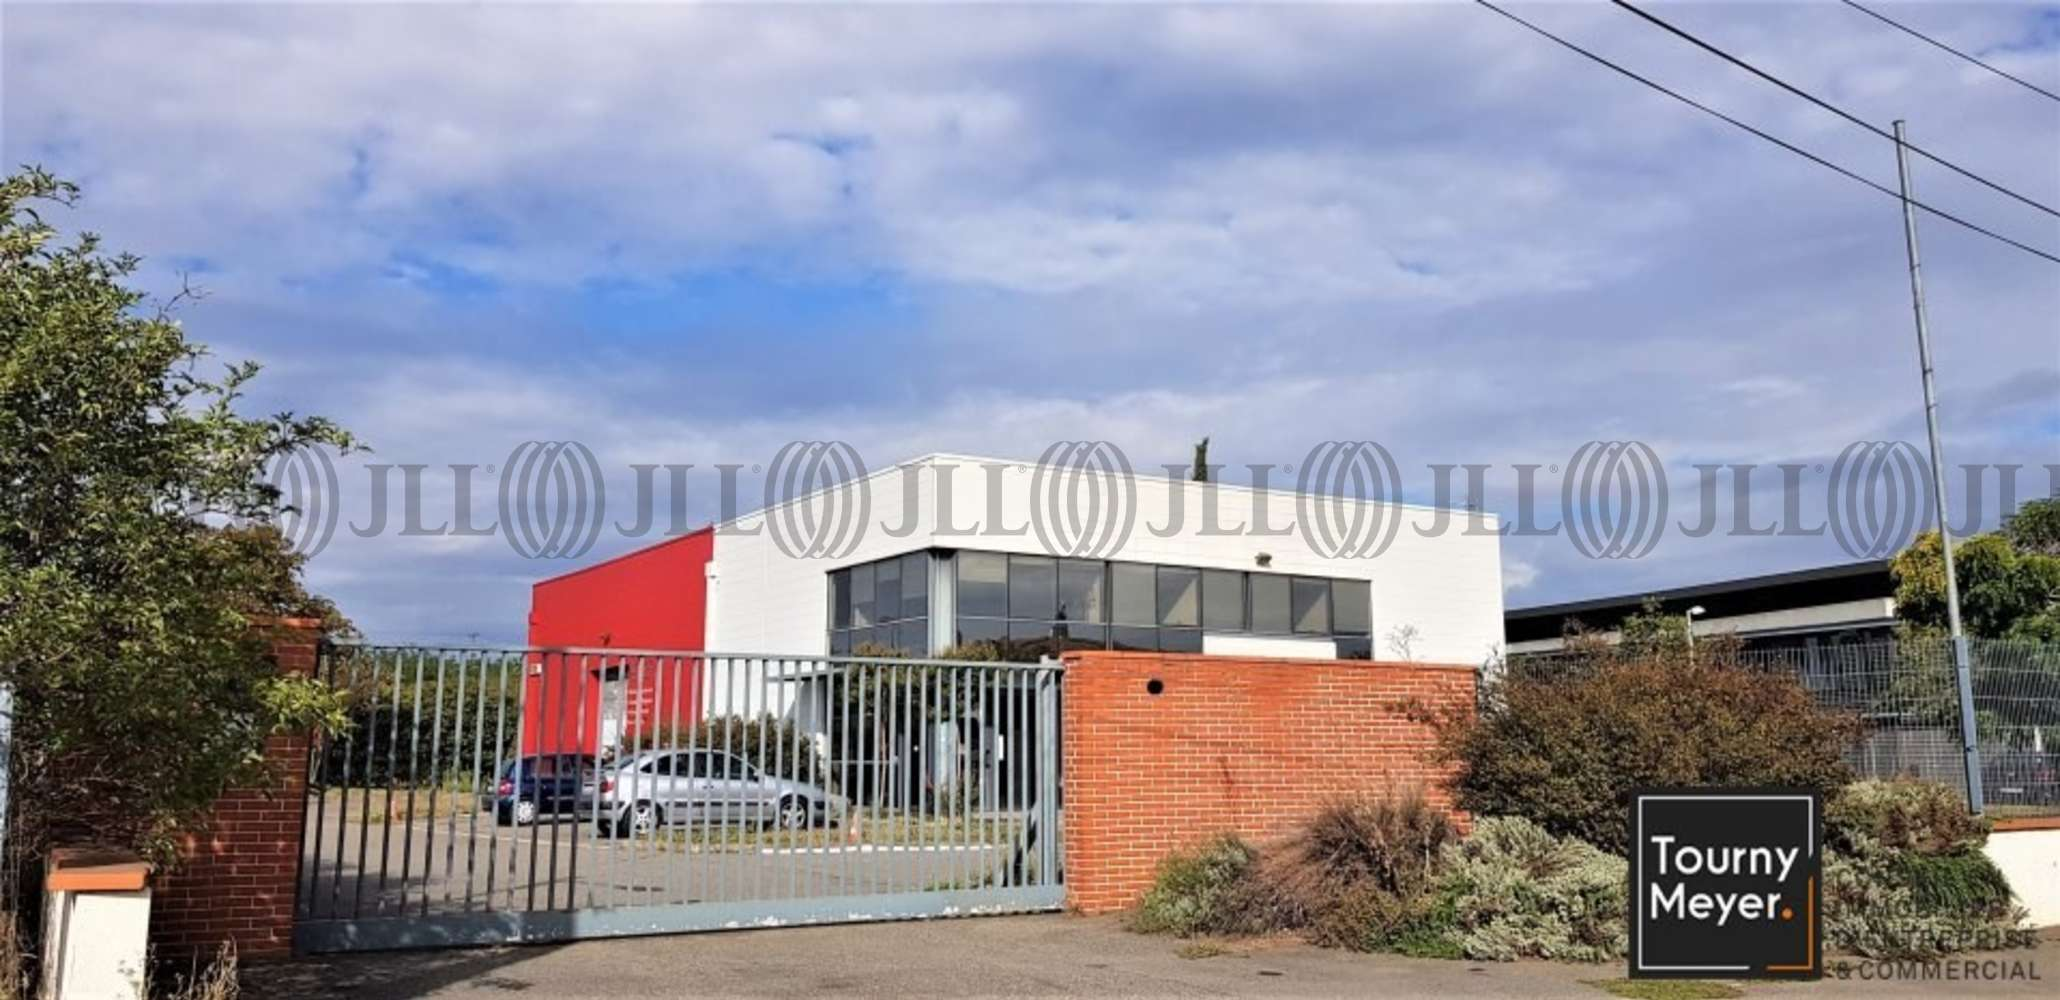 Activités/entrepôt Toulouse, 31200 - 55 RUE ERNEST RENAN - 10777313